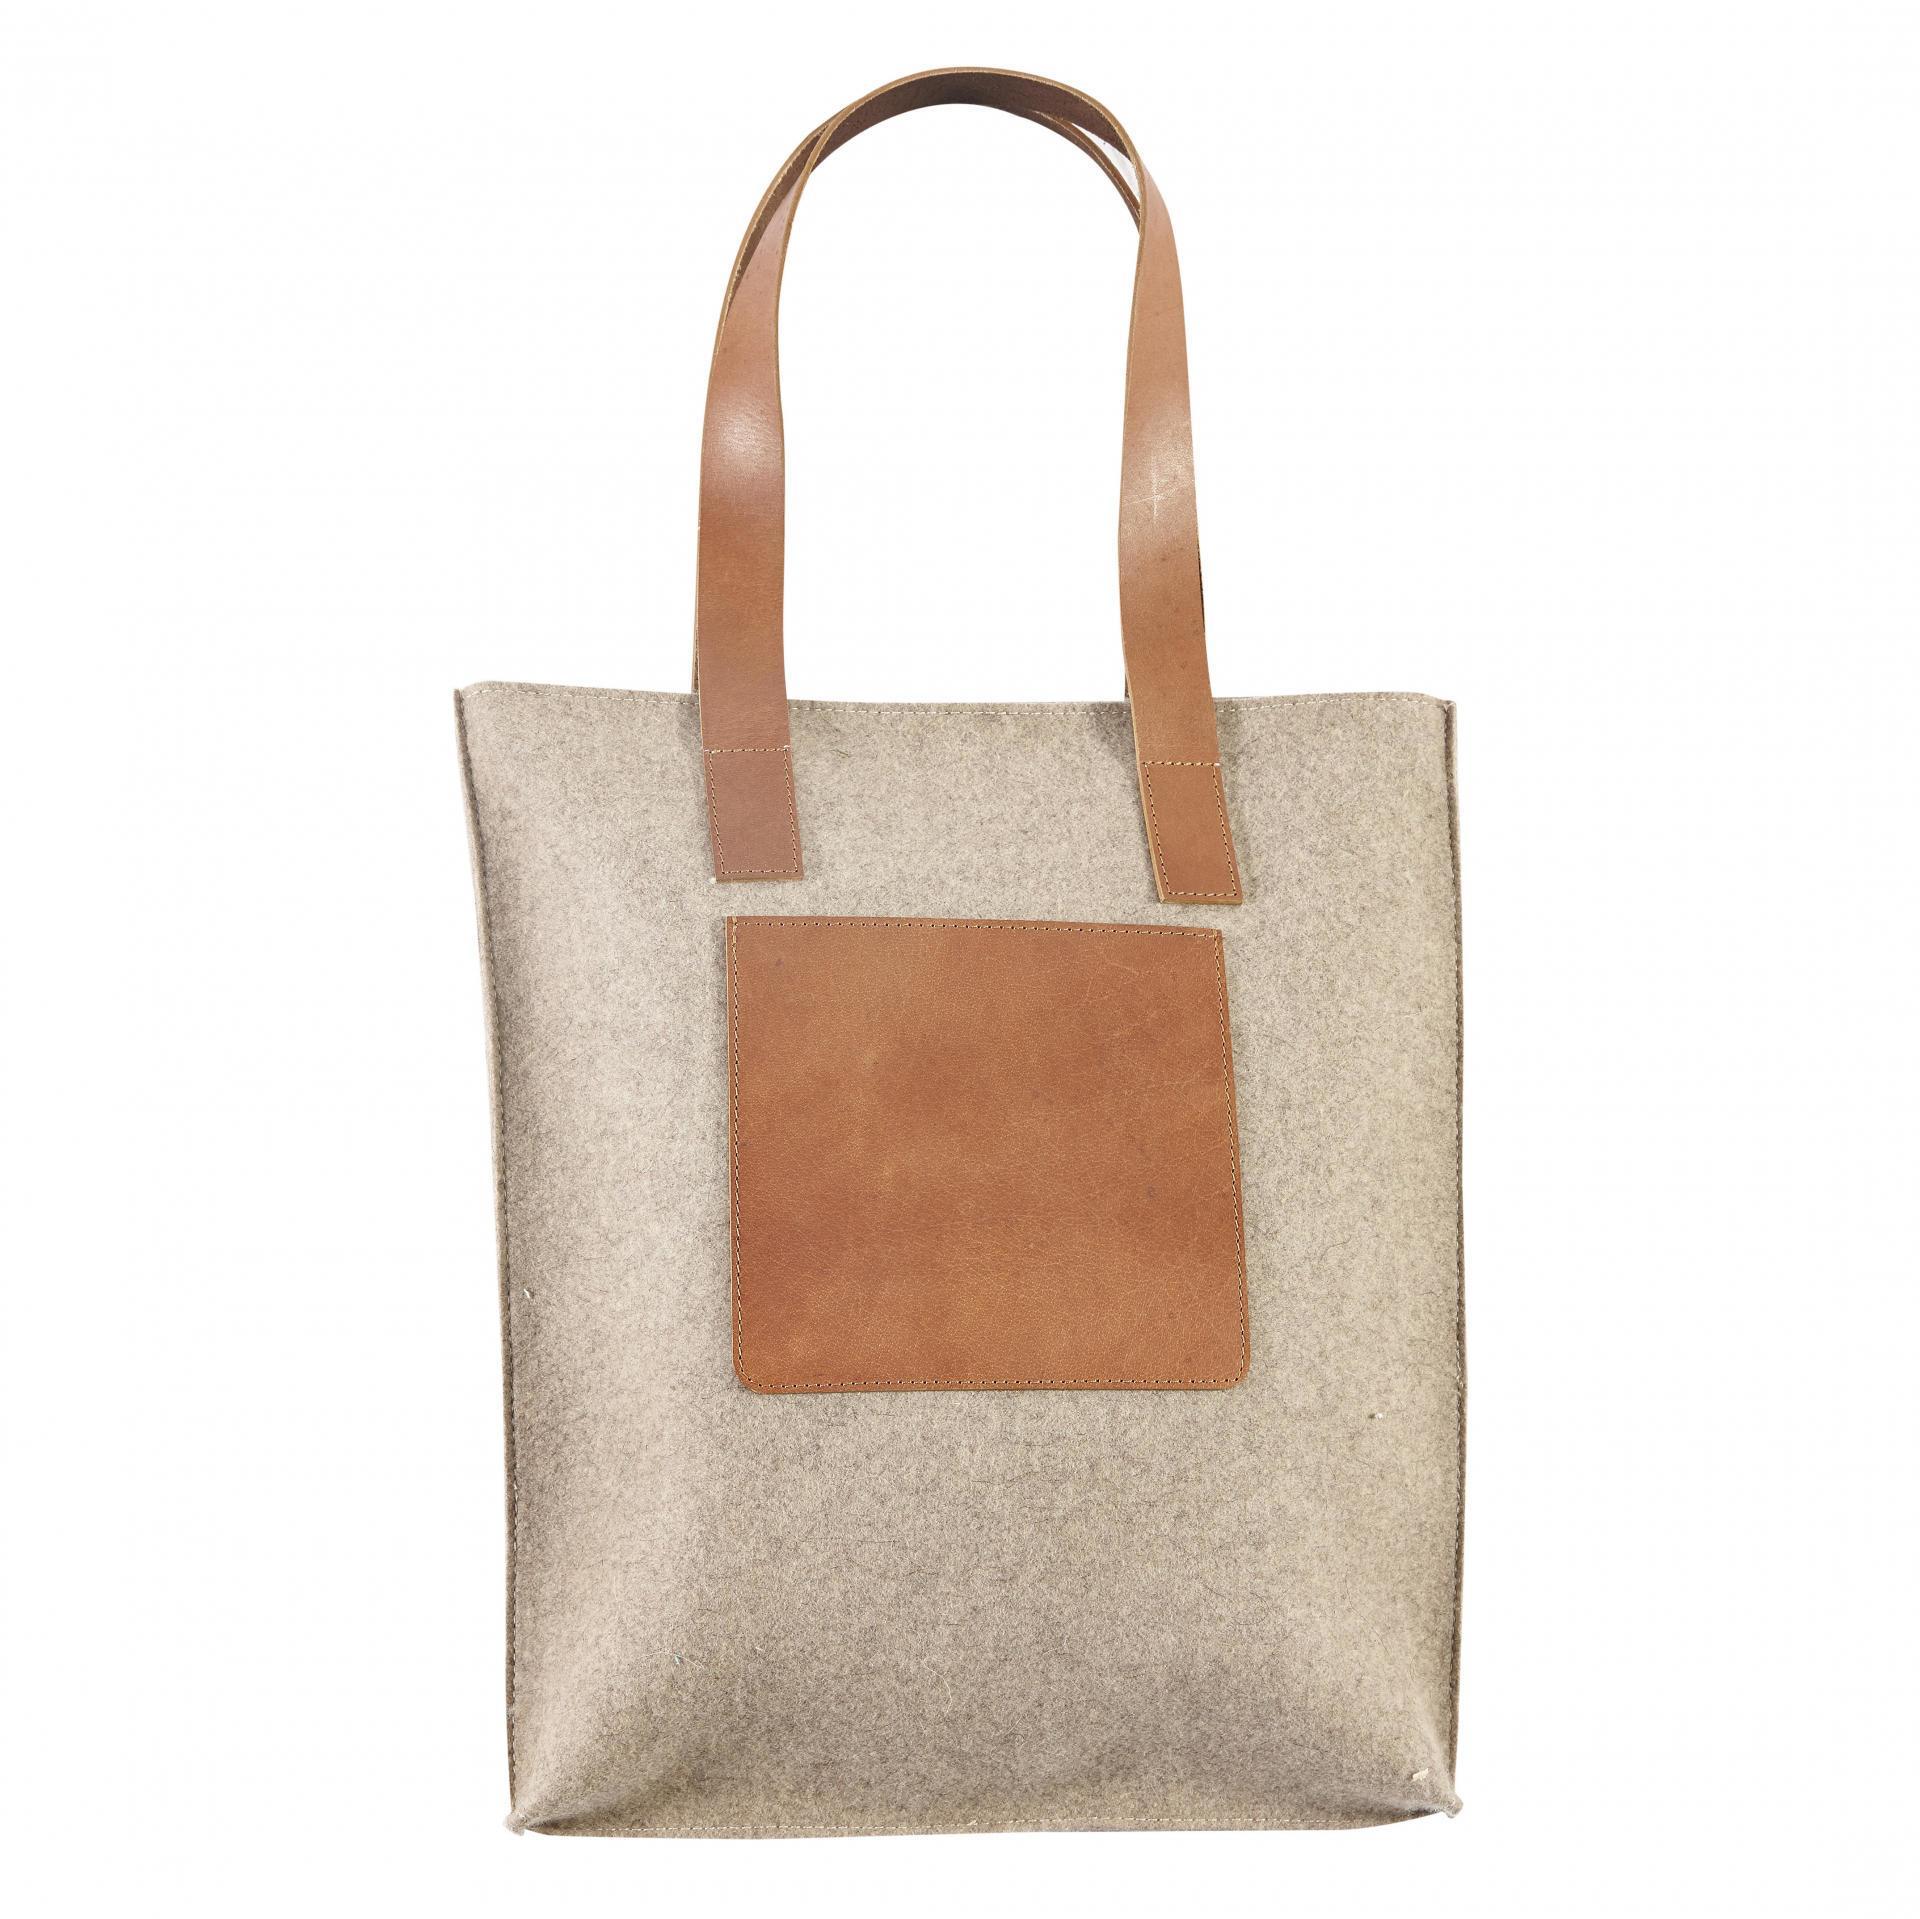 Hübsch Vlněná taška s koženým uchem Light Leather, béžová barva, hnědá barva, textil, kůže